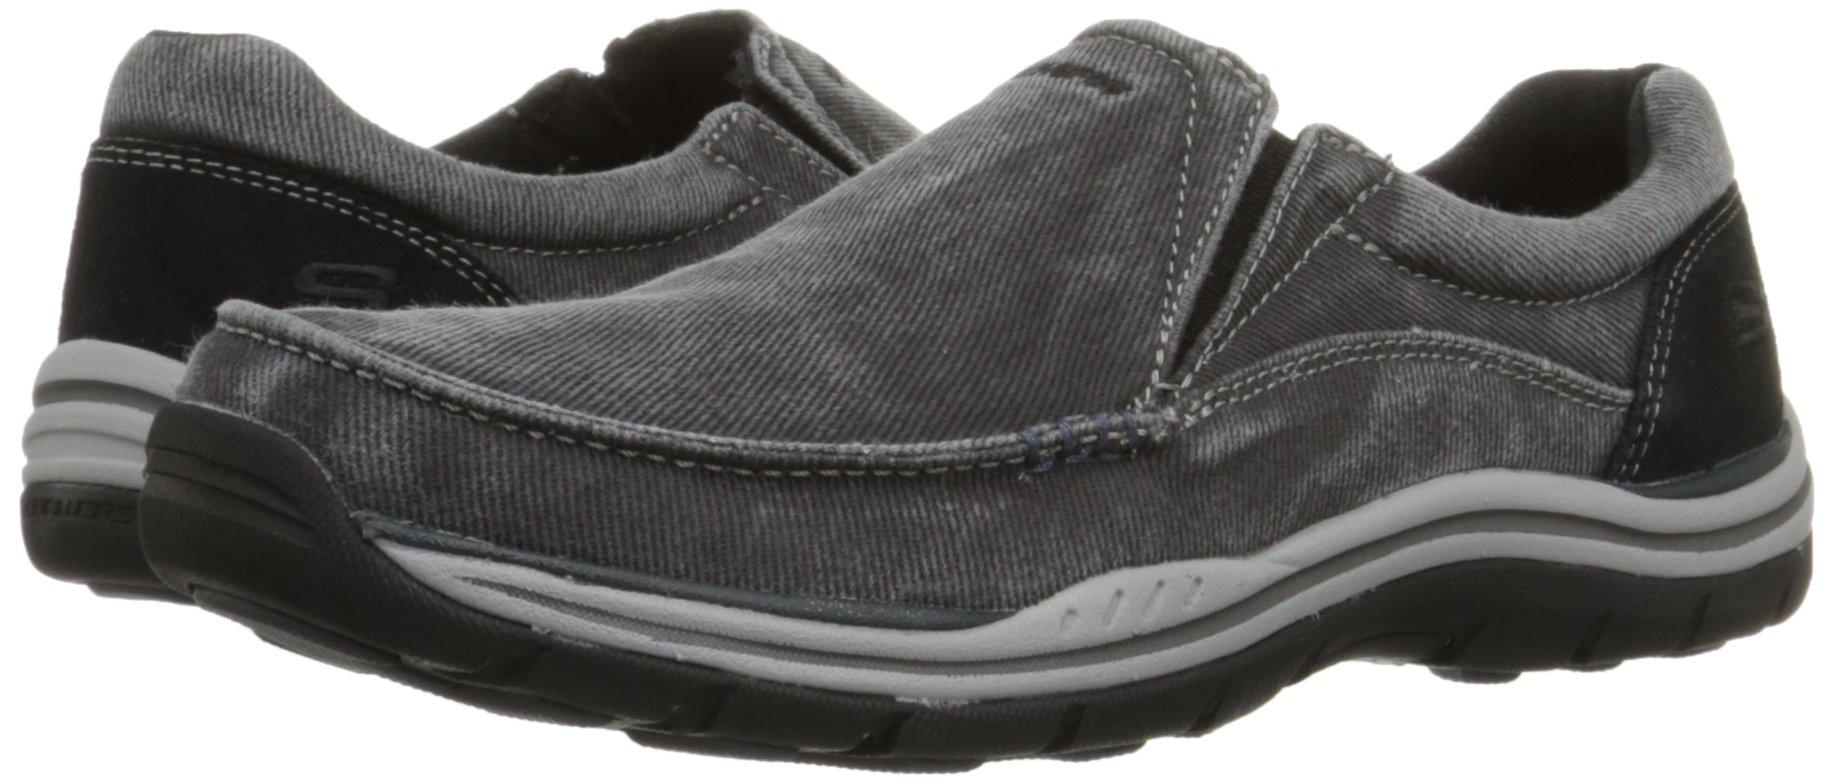 Skechers Men's Expected Avillo Relaxed-Fit Slip-On Loafer,Black,13 M US by Skechers (Image #6)